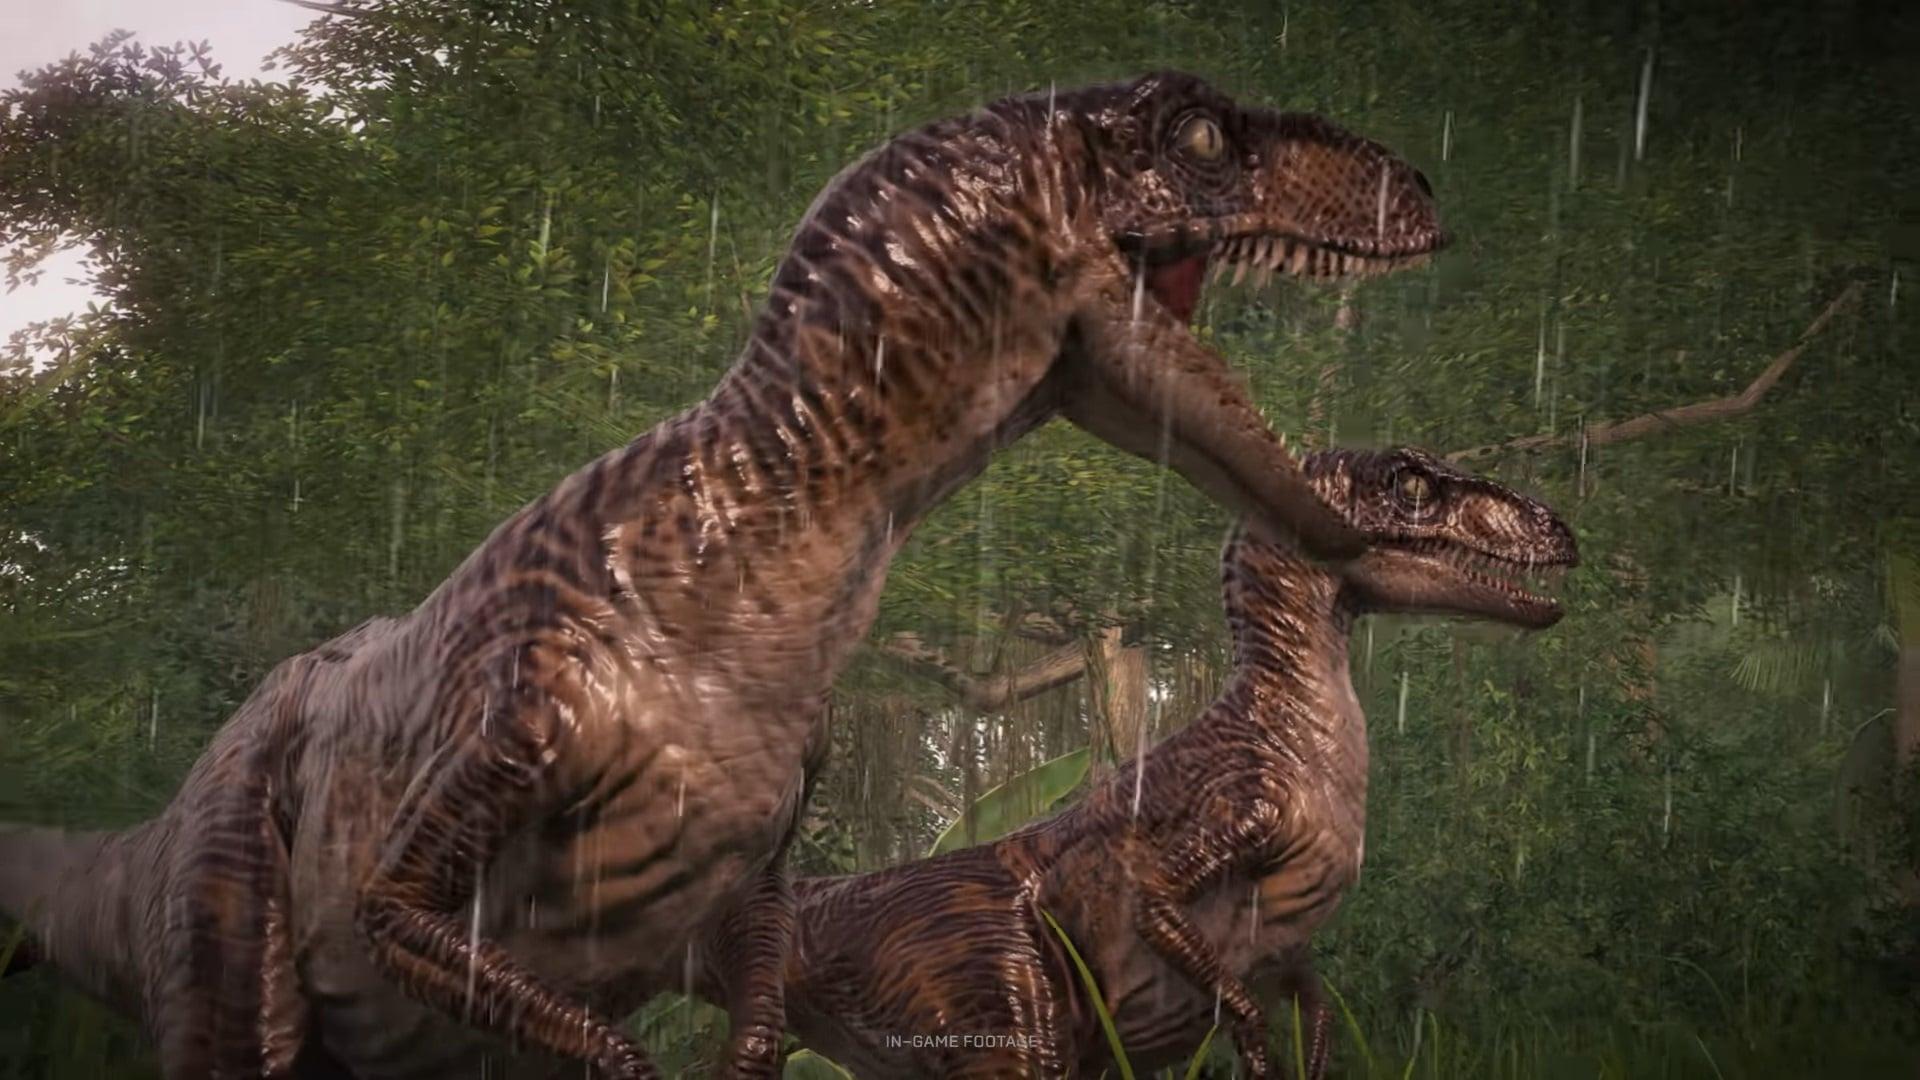 Keer terug naar Jurassic Park